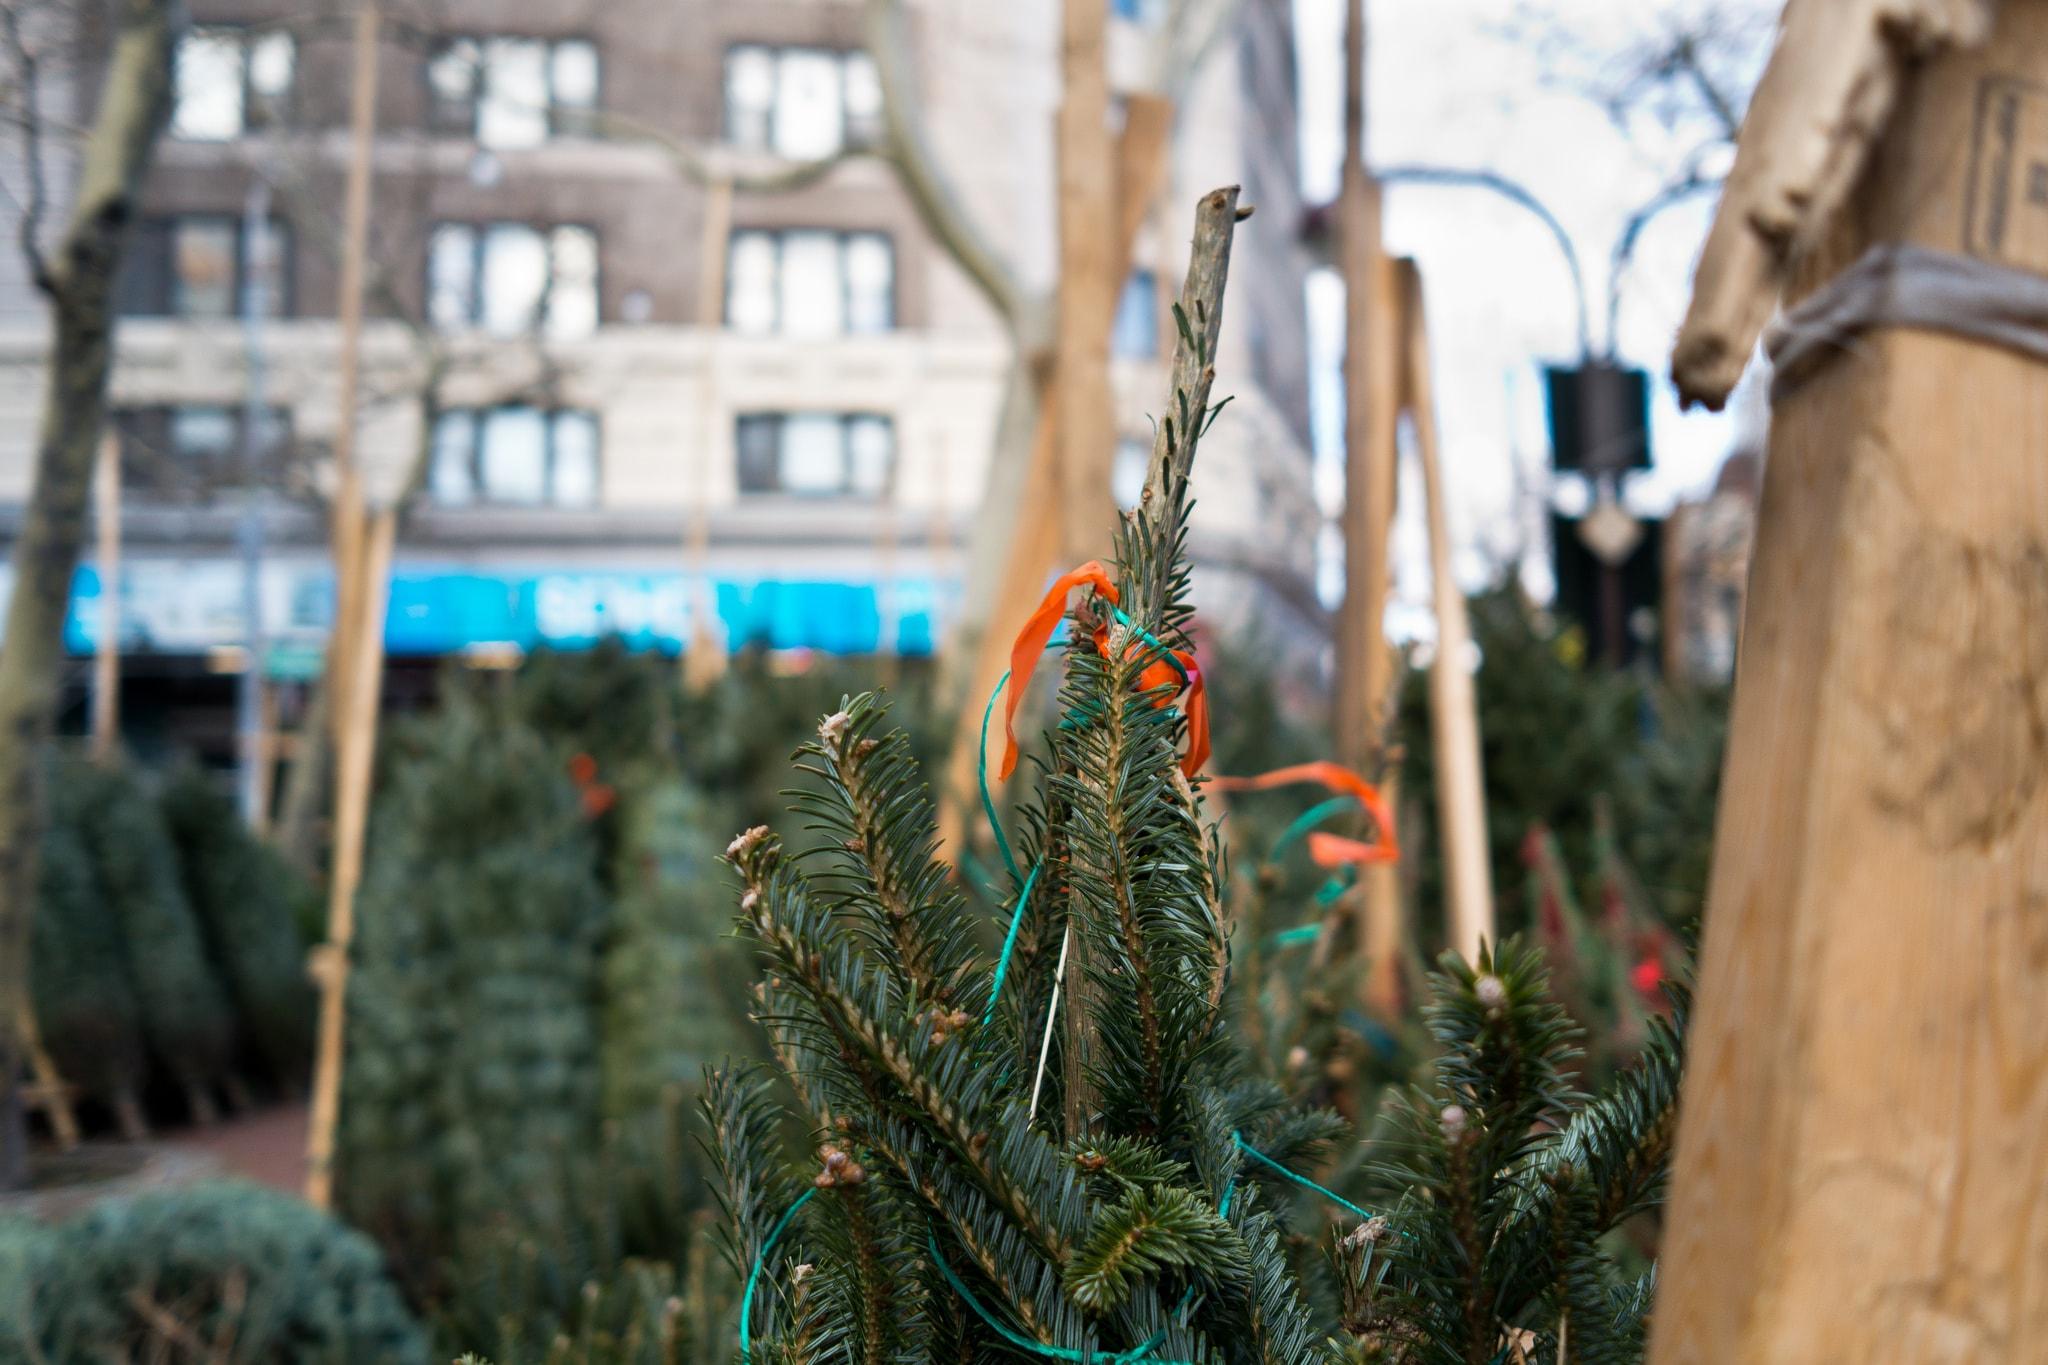 NYC sidewalk stand | Phil Roeder Flickr